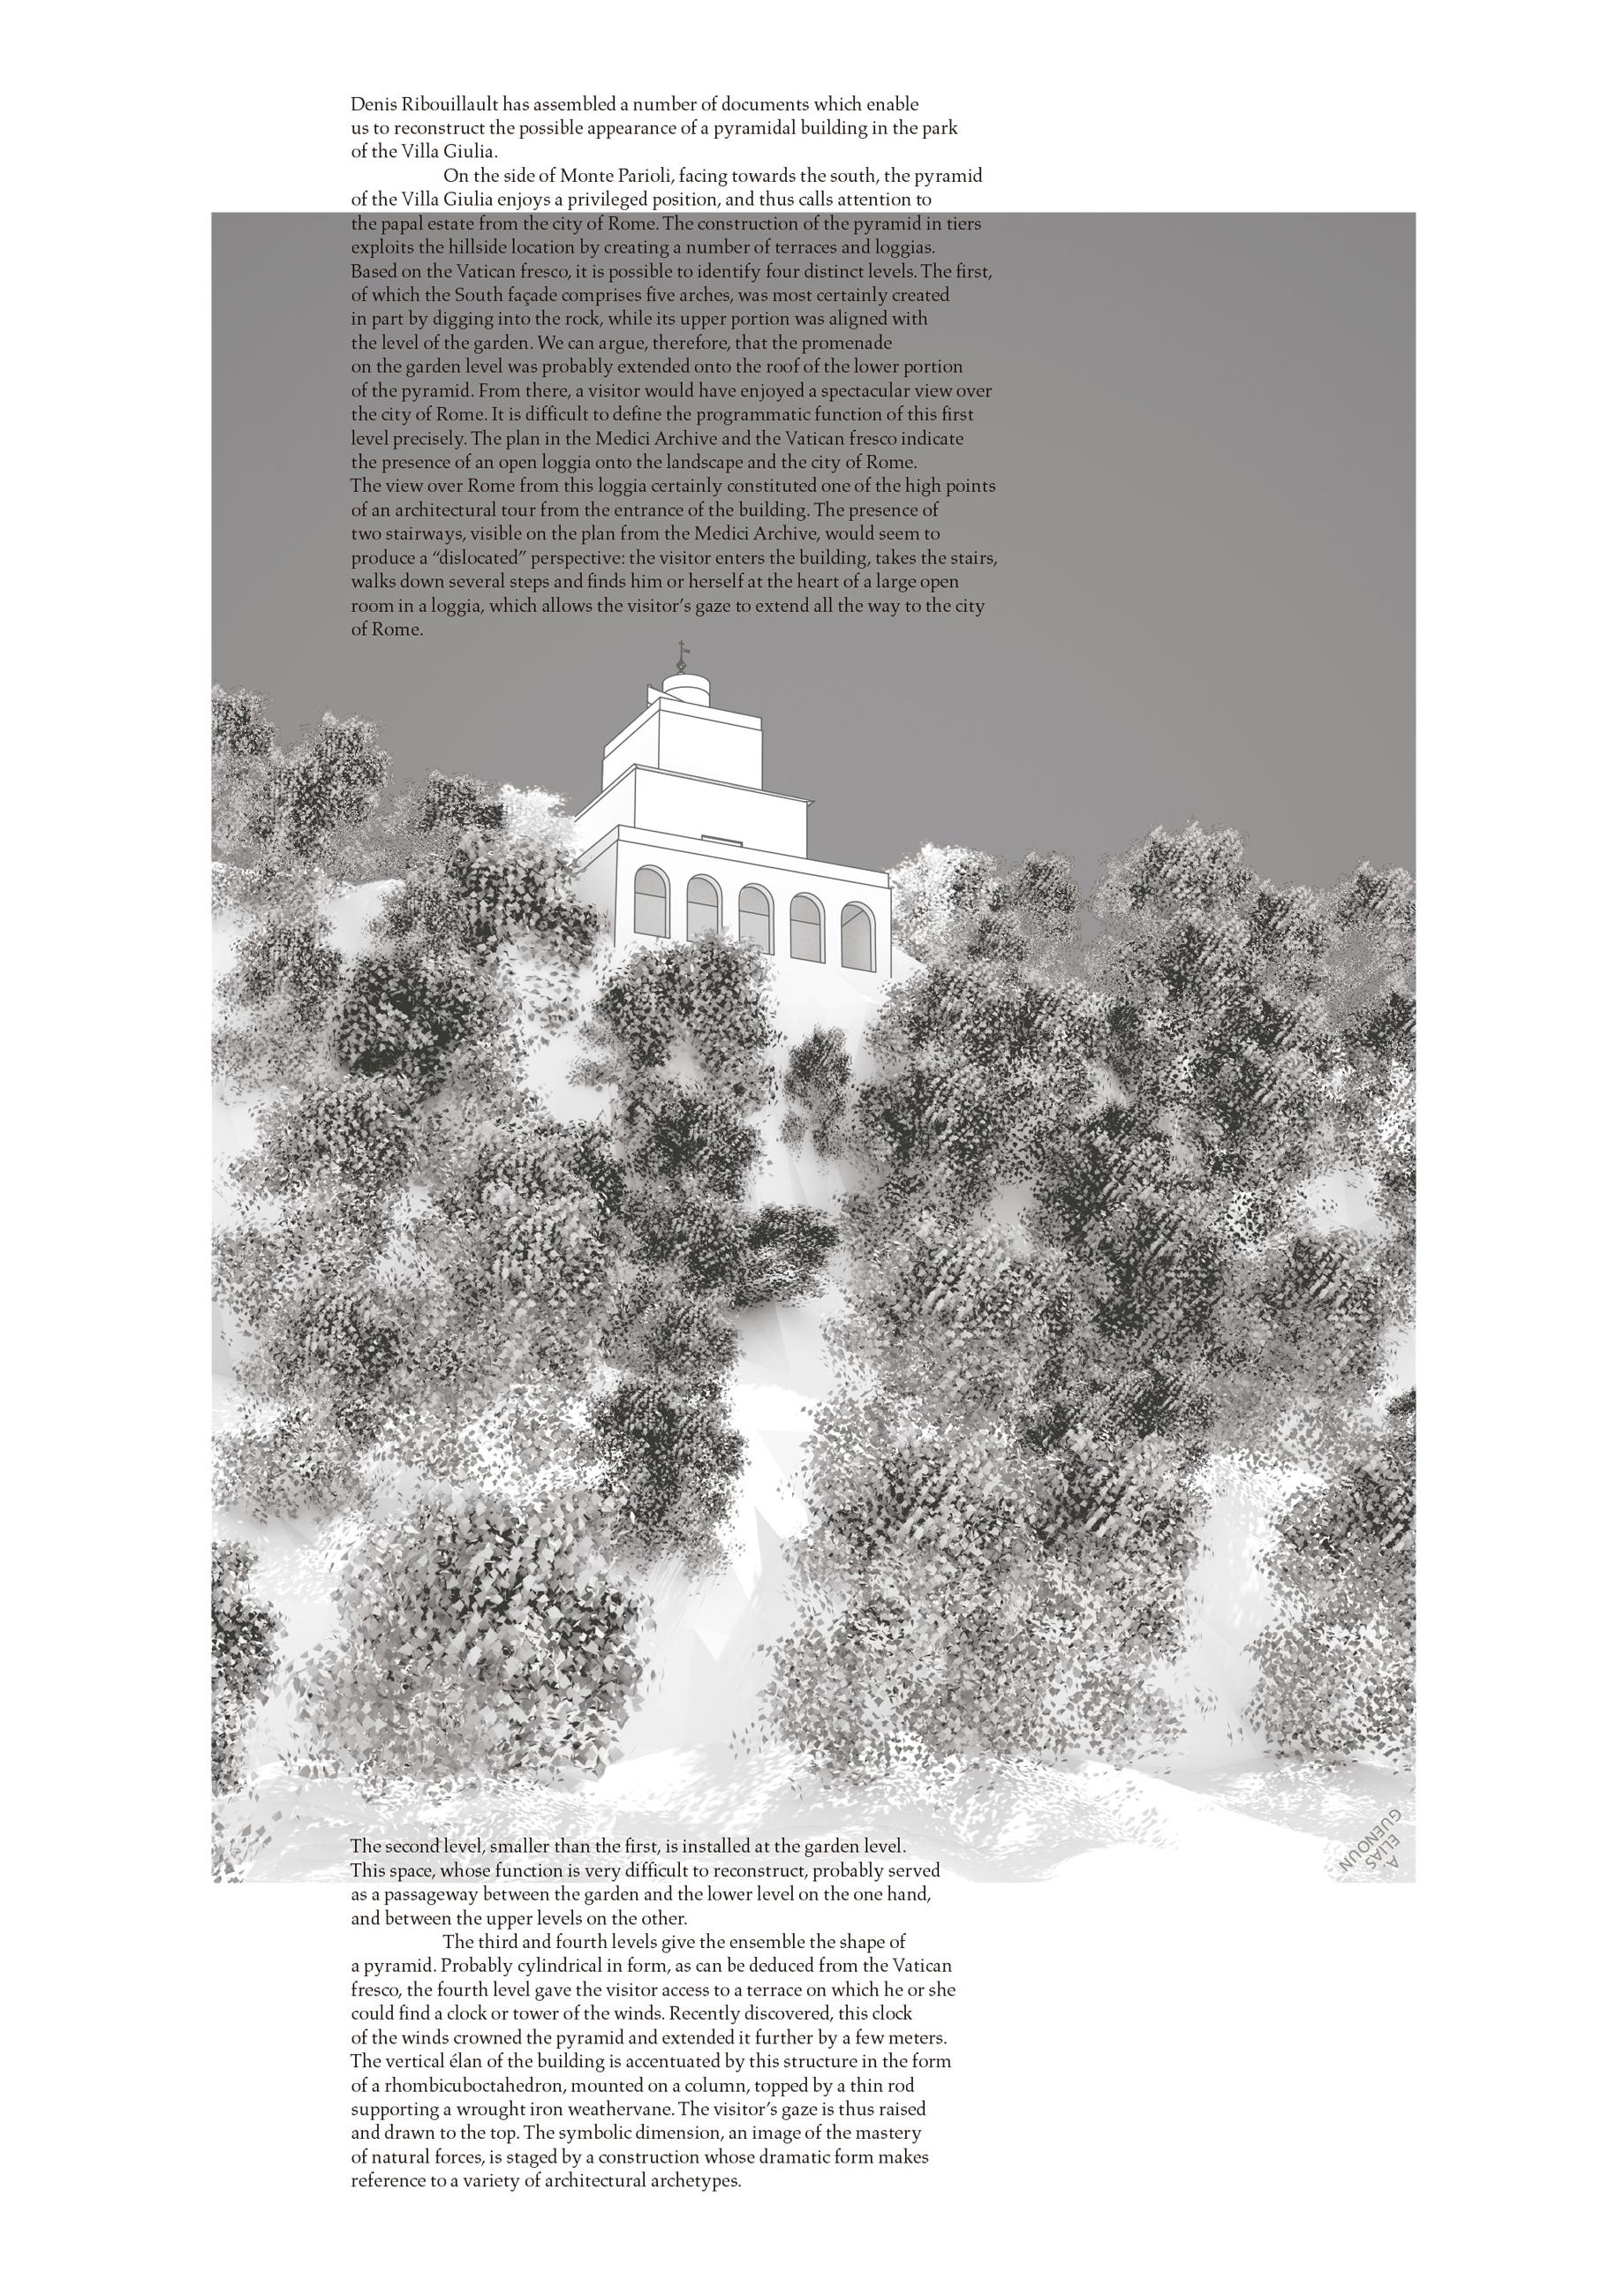 (3)-Ribouillaut-y-Elias-Guenoun,-Reconstrucción-hipotética-de-las-fachadas-norte-y-sur-de-la-Torre-de-los-Vientos-de-la-Villa-Giulia-©-Dibujo-de-Guenoun-(2010)-1.jpg